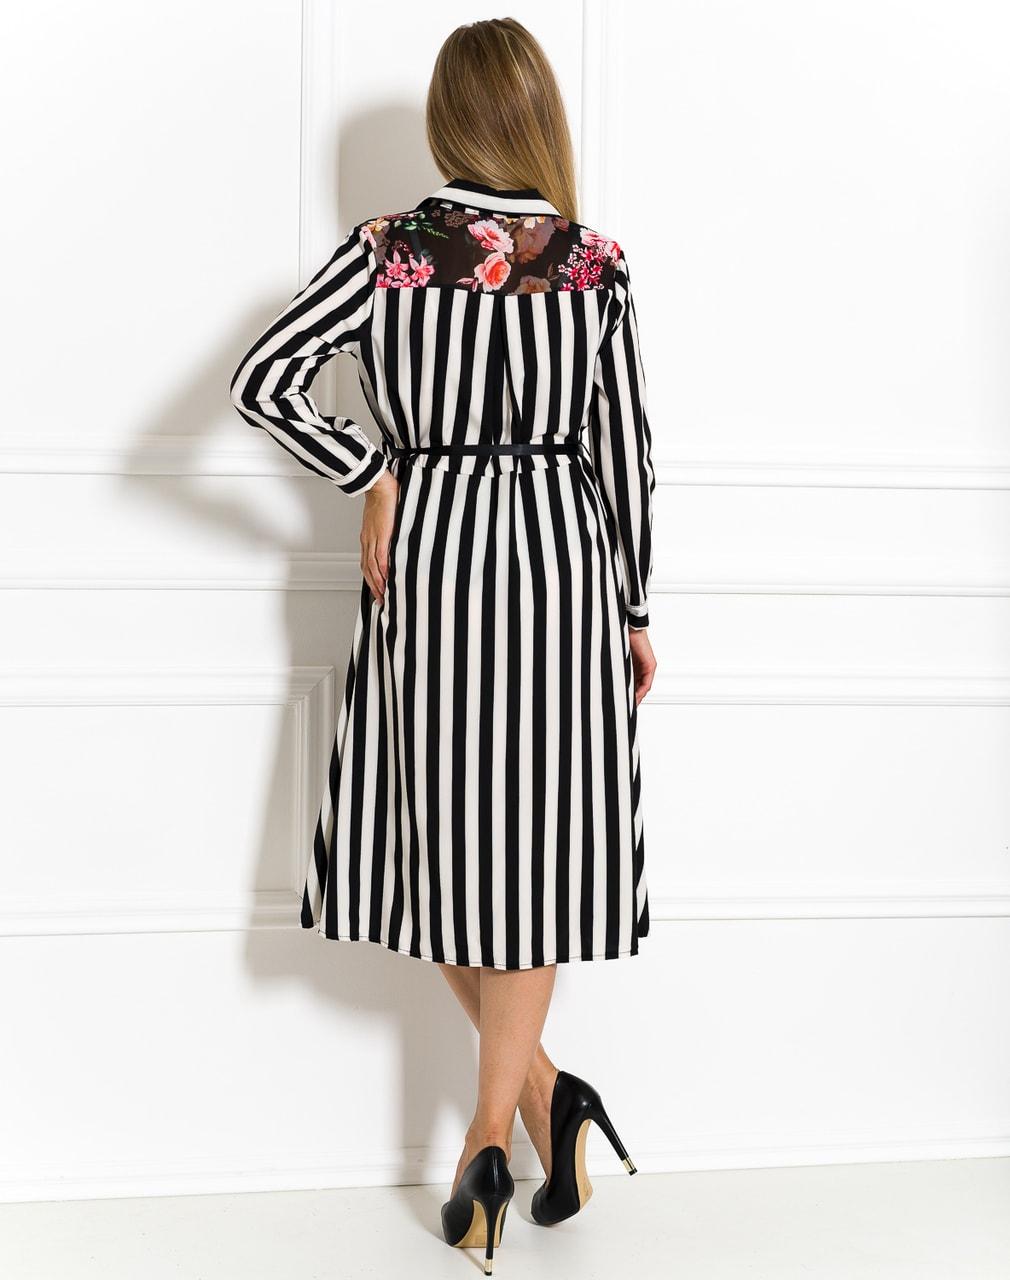 09933aa86d8 Saténové košilové šaty černo-bílé - Glamorous by Glam - Letní šaty ...